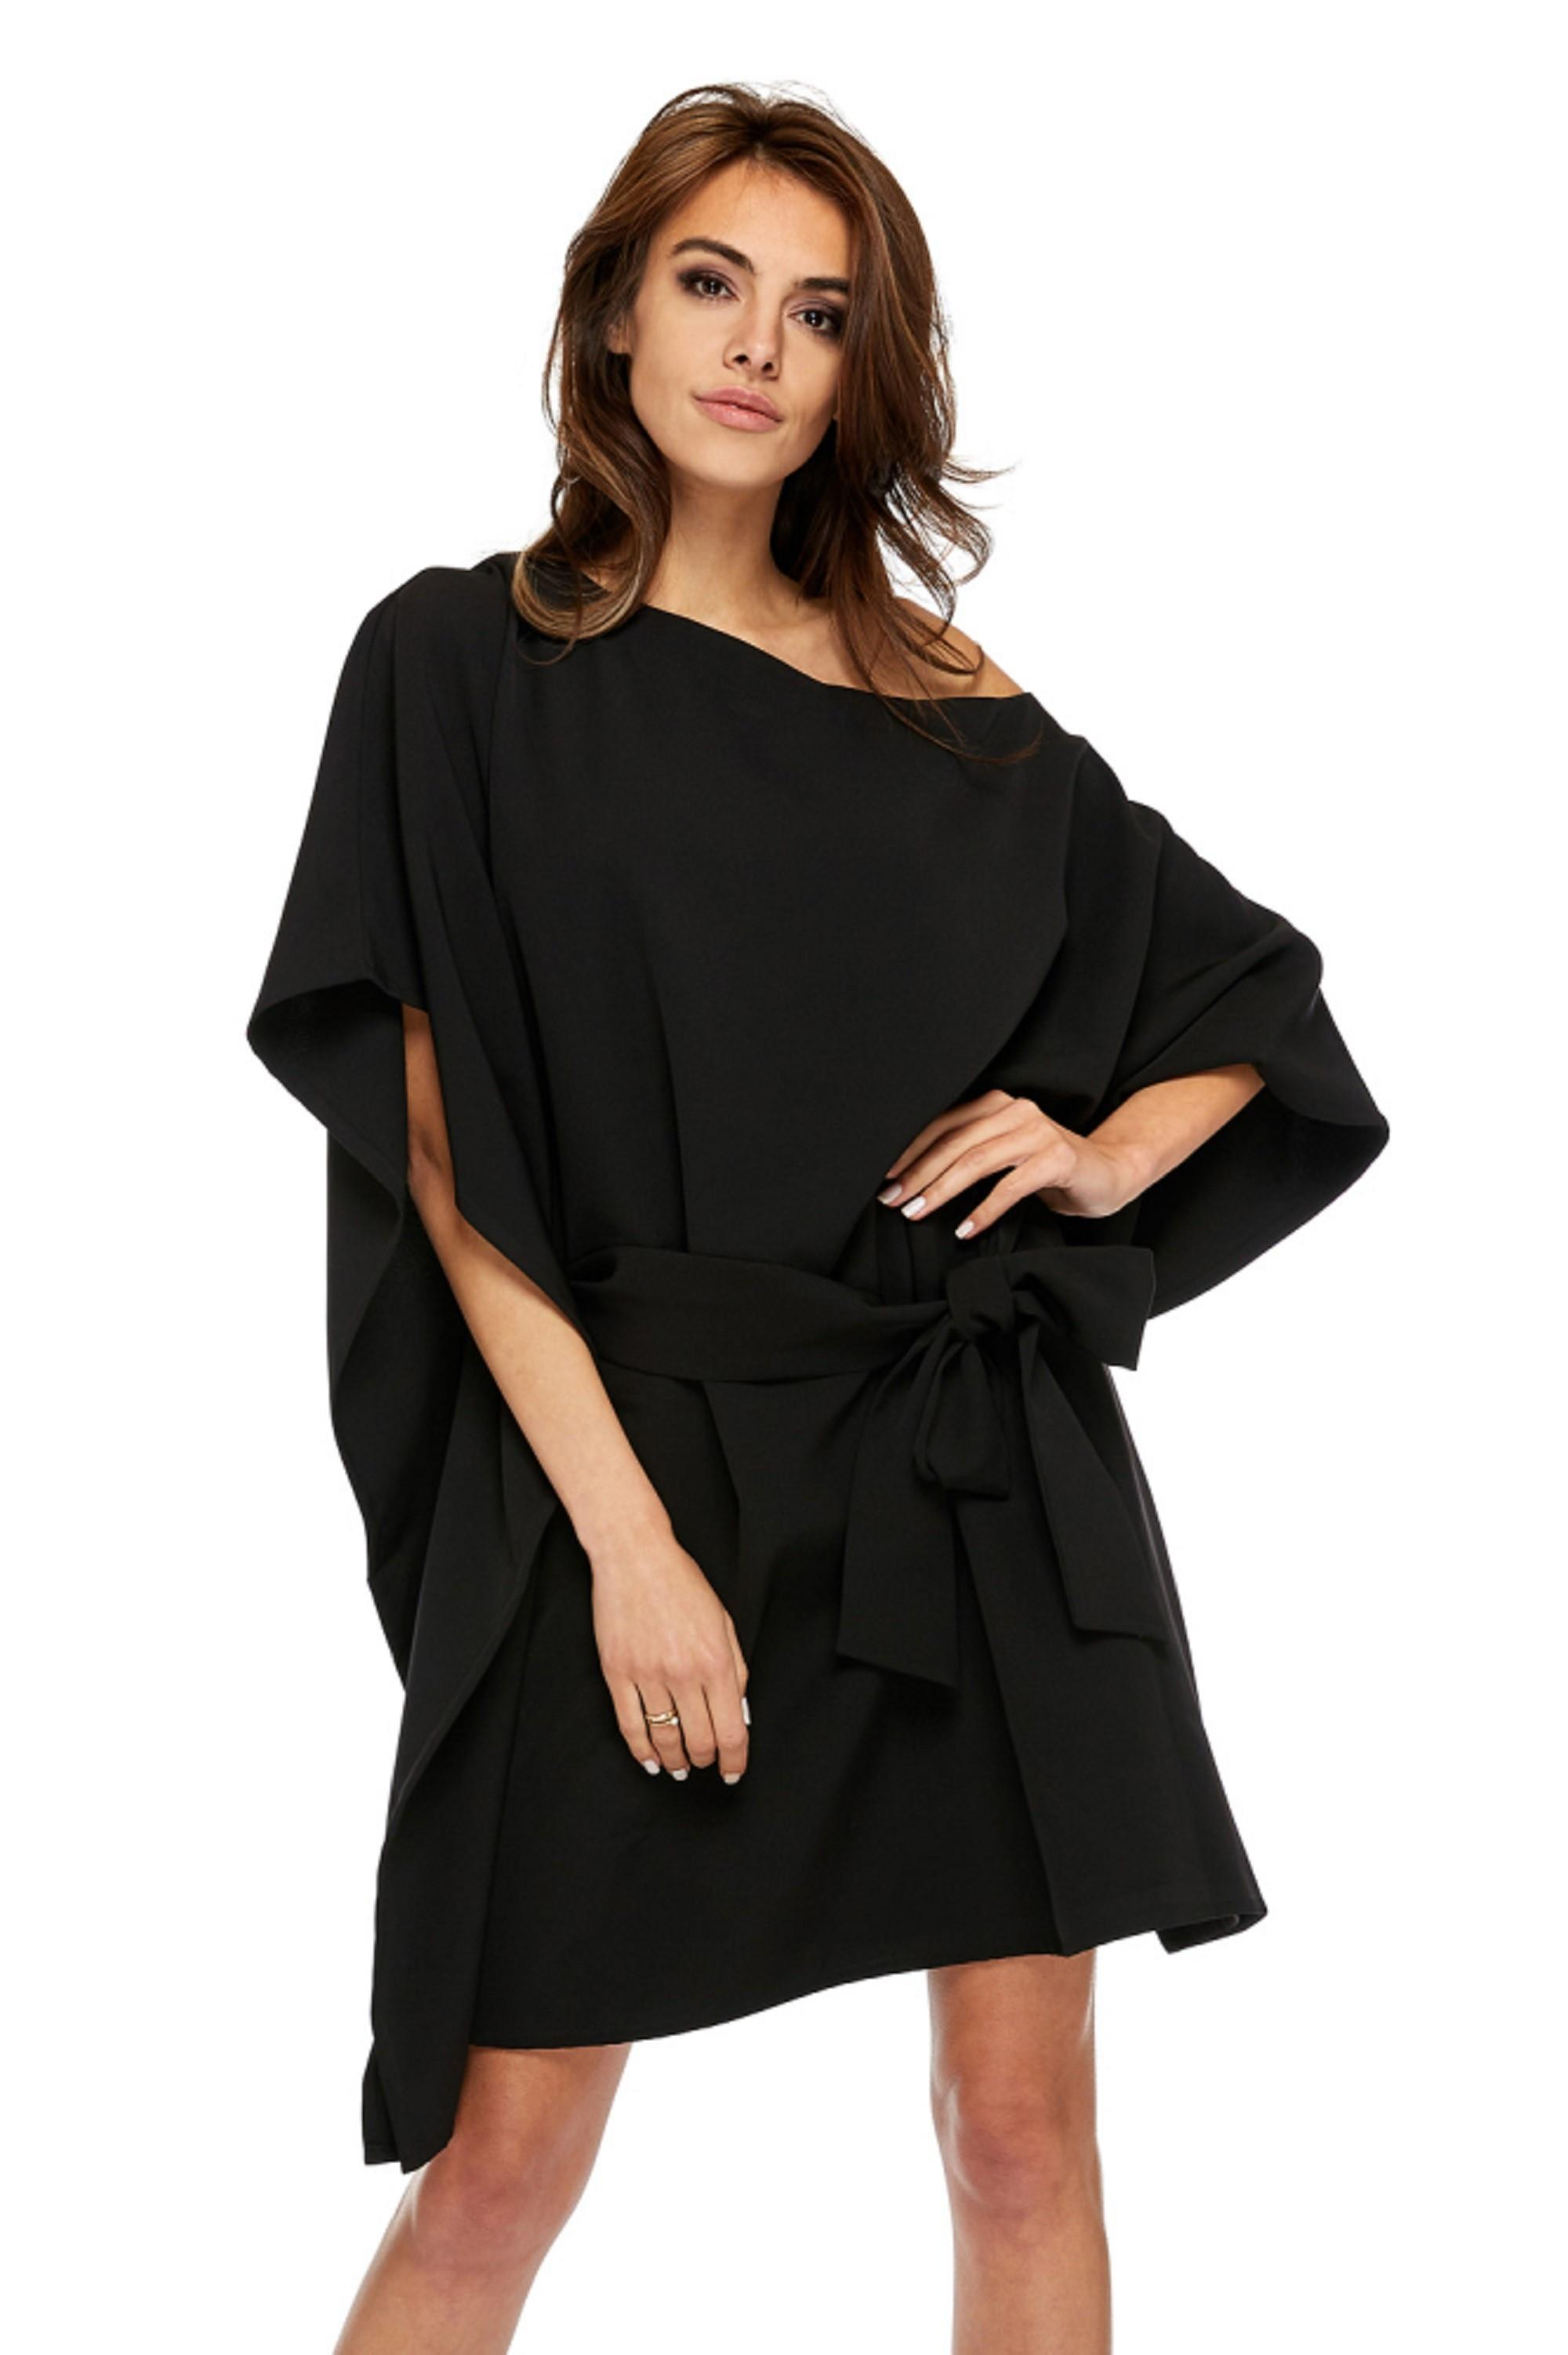 Padavé čierne šaty s previazaním v páse - UNI